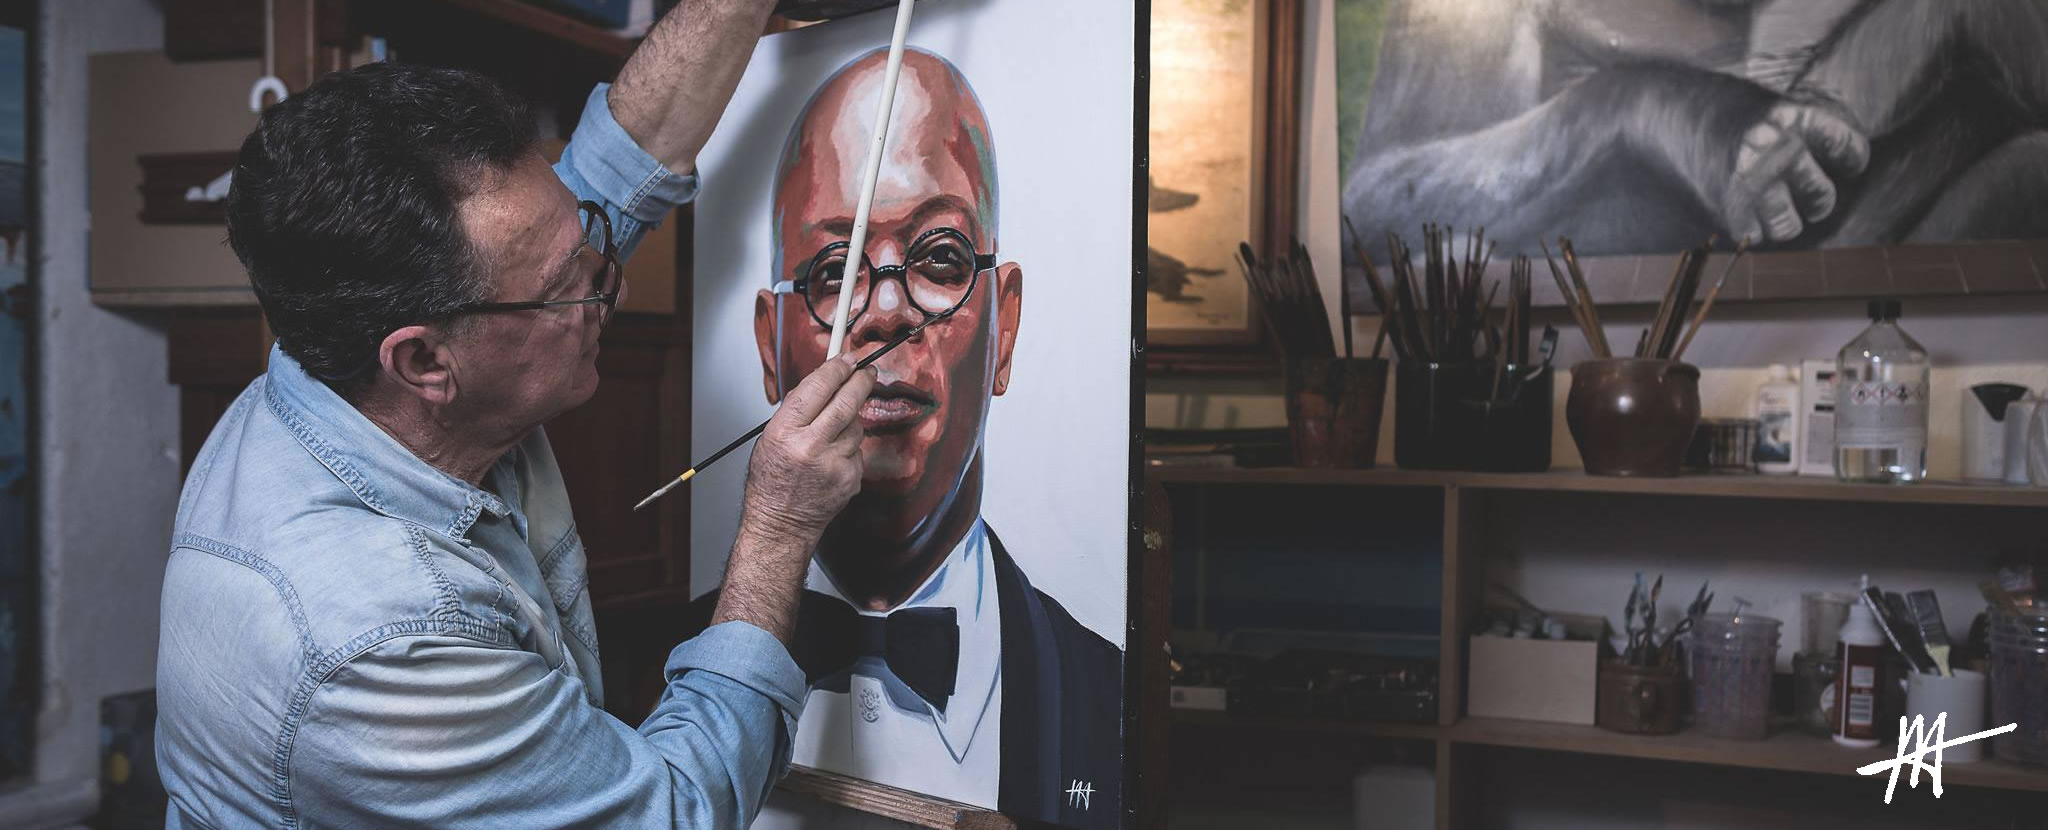 Jean-Jacques Venturini, artiste peintre. peinture à l'huile, recycle art, peinture contemporaine